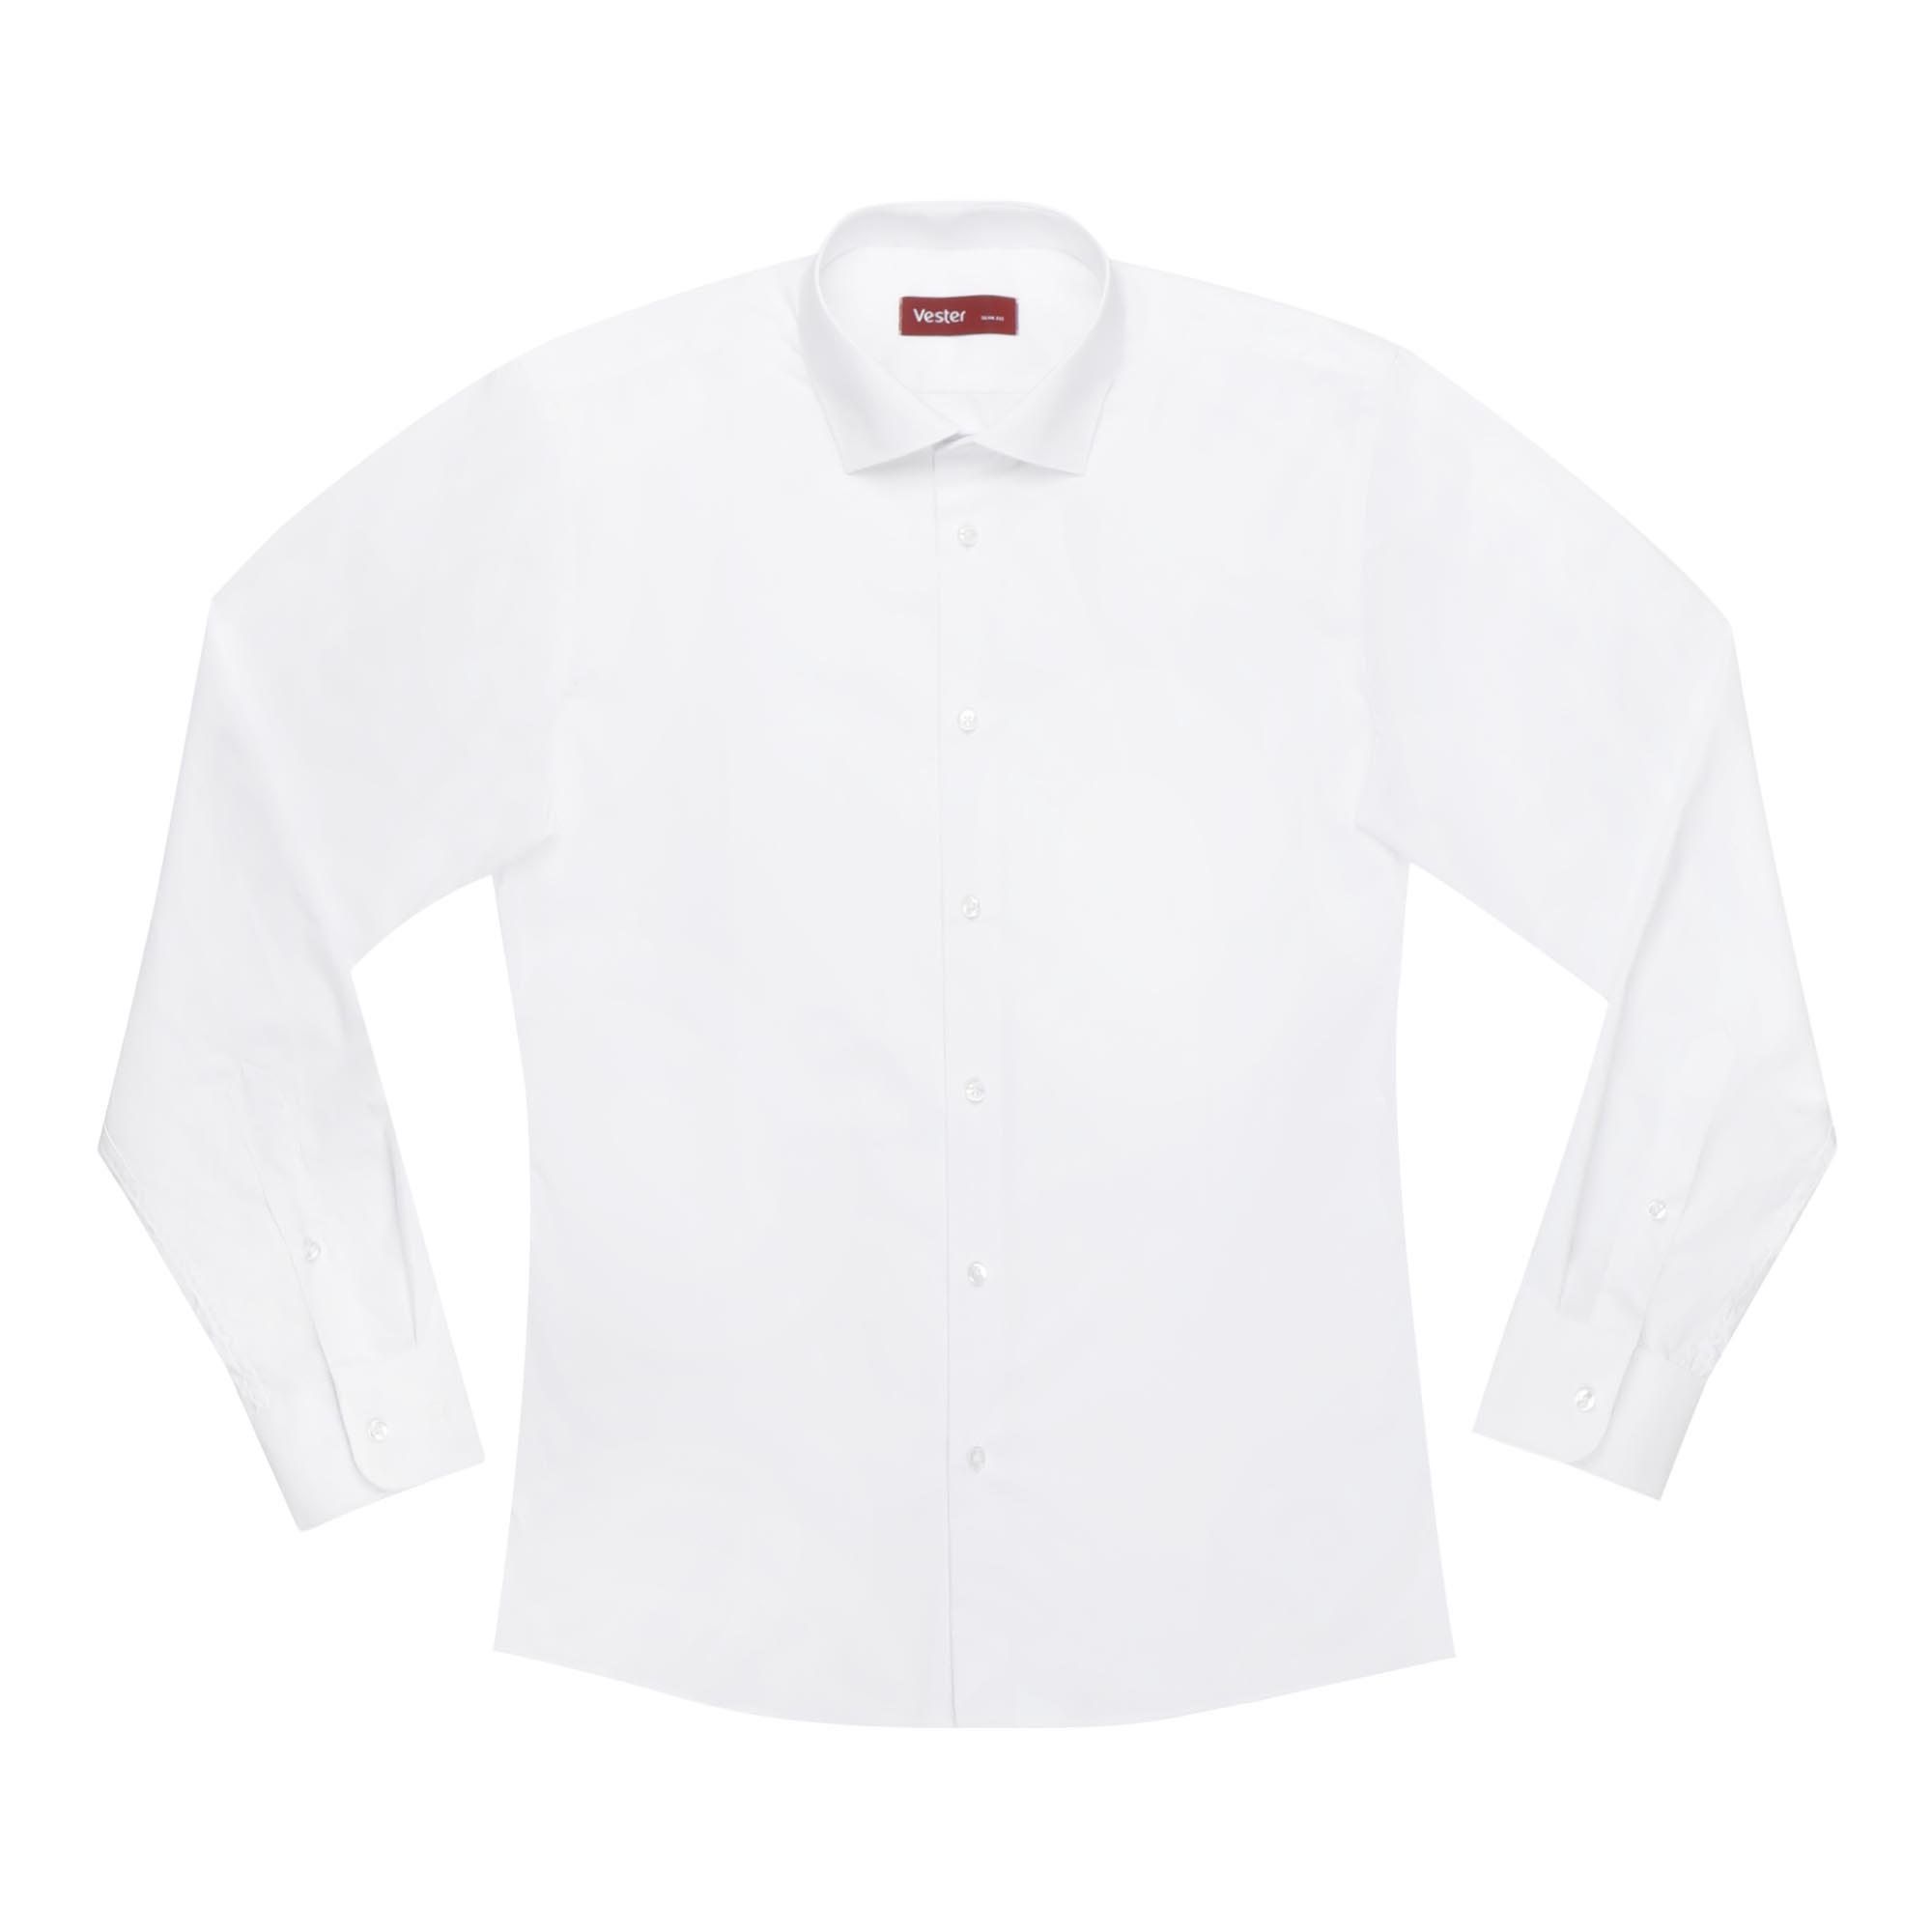 Сорочка мужская Vester 70714 43S 176-182 белая фото